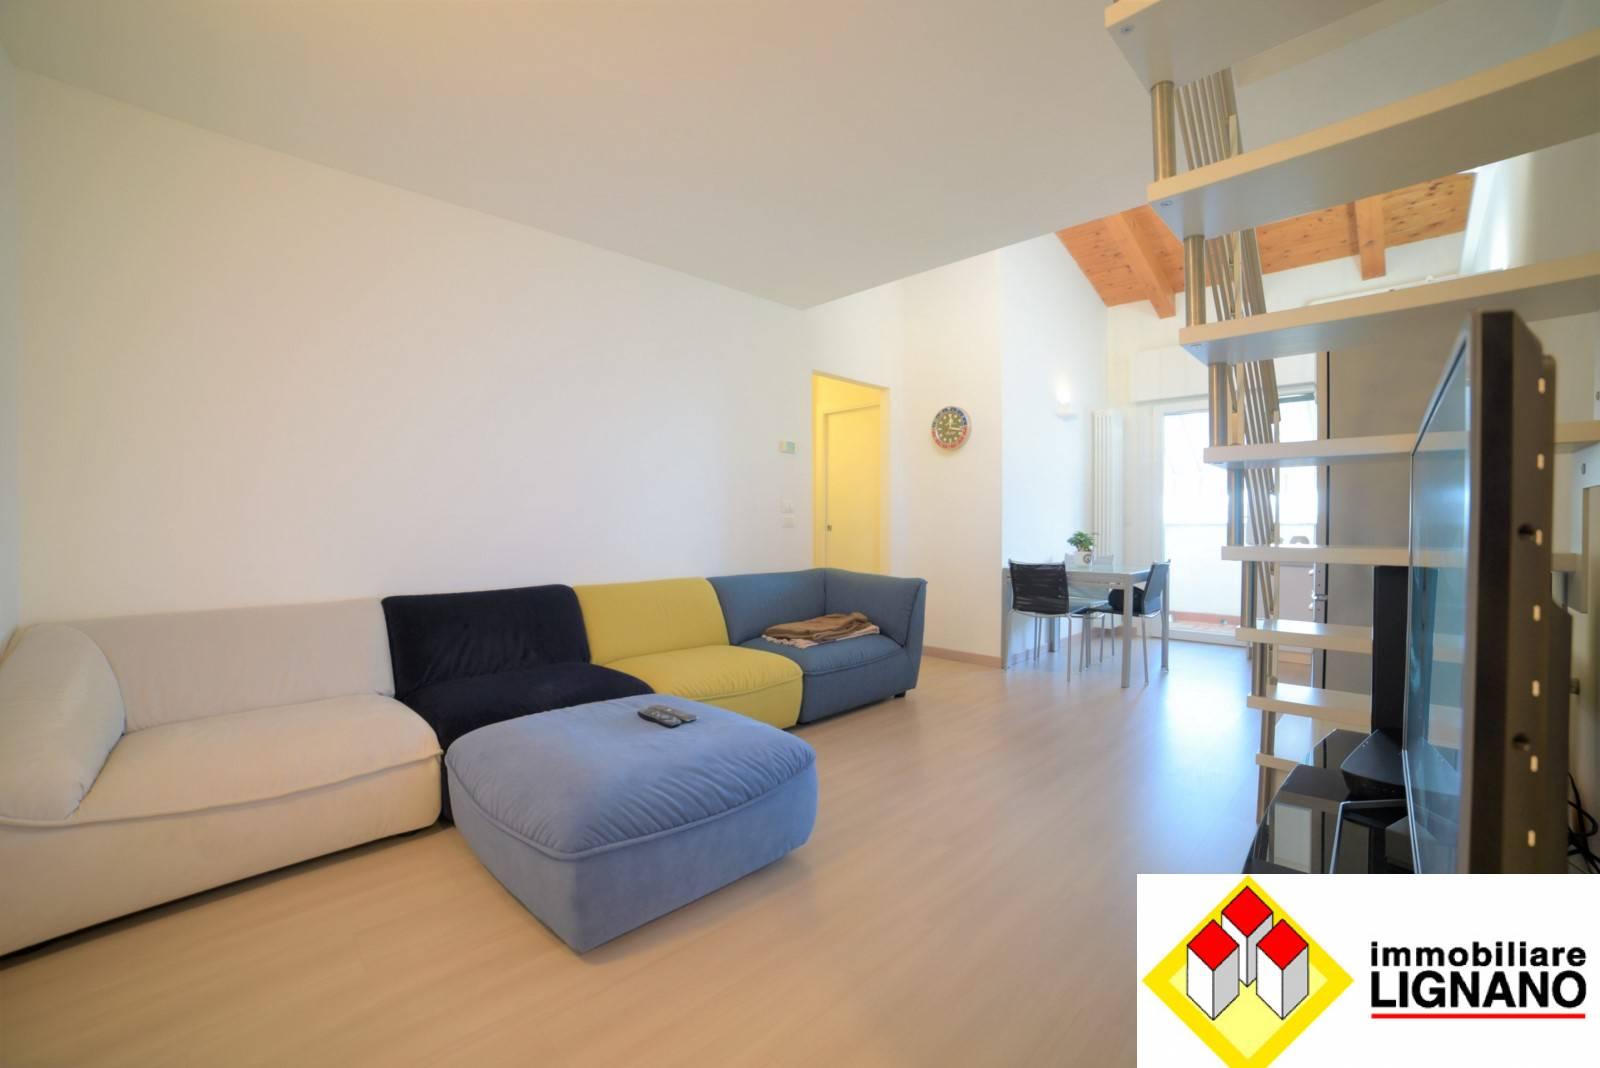 Appartamento in vendita a Latisana, 3 locali, zona Località: Semicentro, prezzo € 125.000 | PortaleAgenzieImmobiliari.it